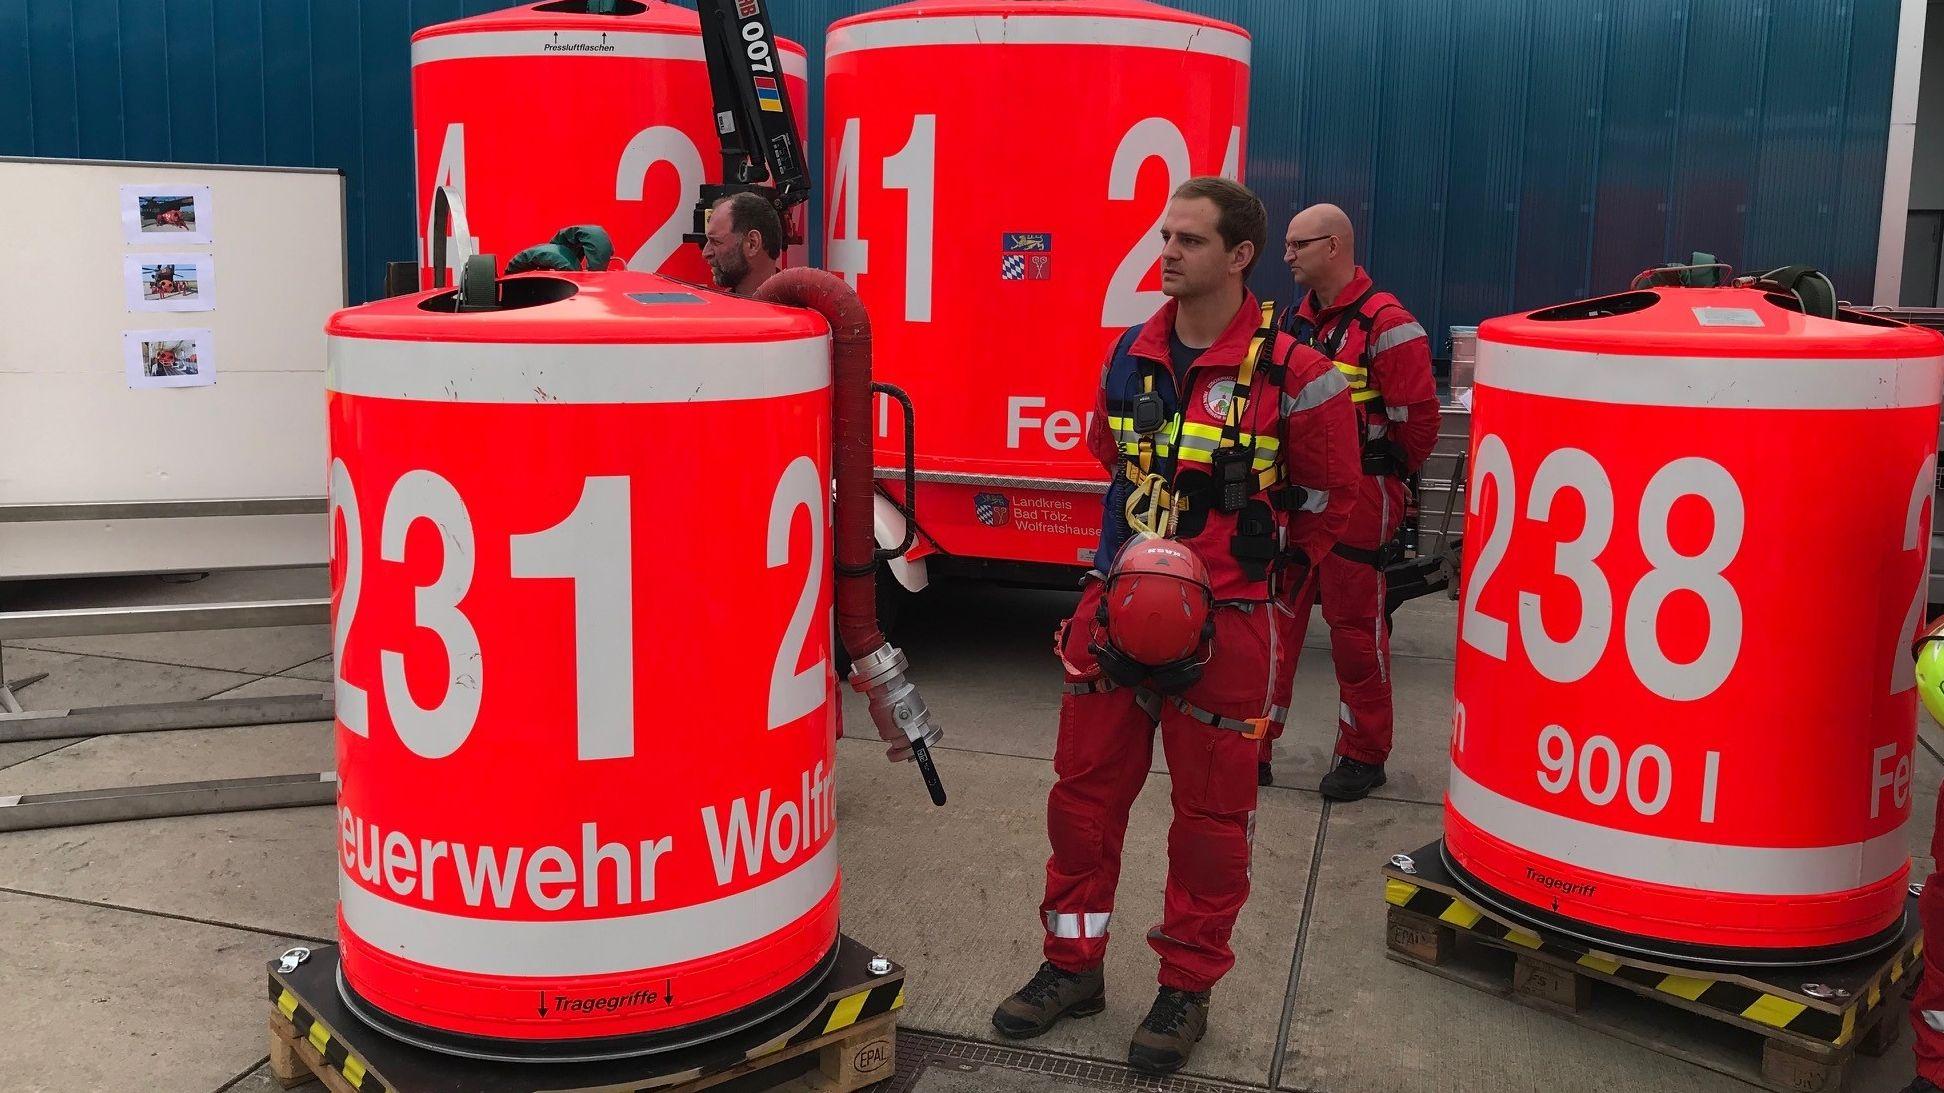 Waldbrandbekämpfungsgerät in der Feuerwehrschule in Geretsried bei München.